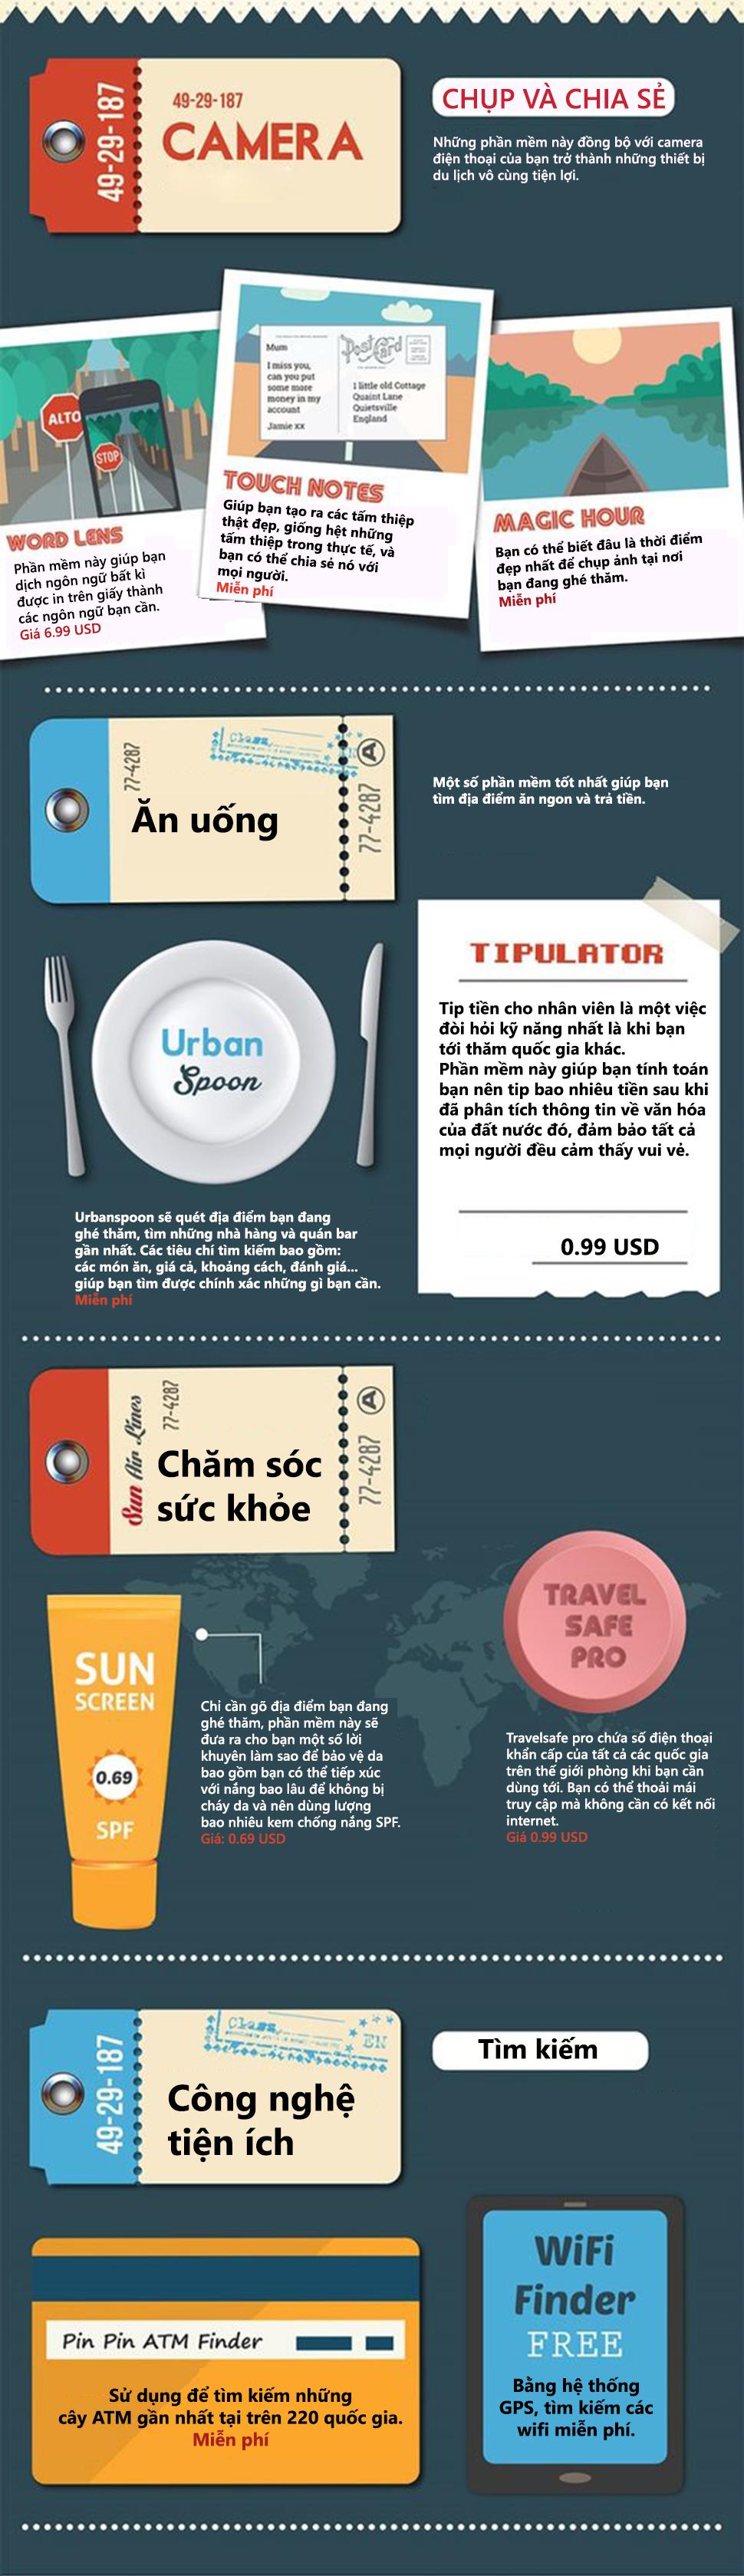 Top ứng dụng hữu ích trên đường du lịch